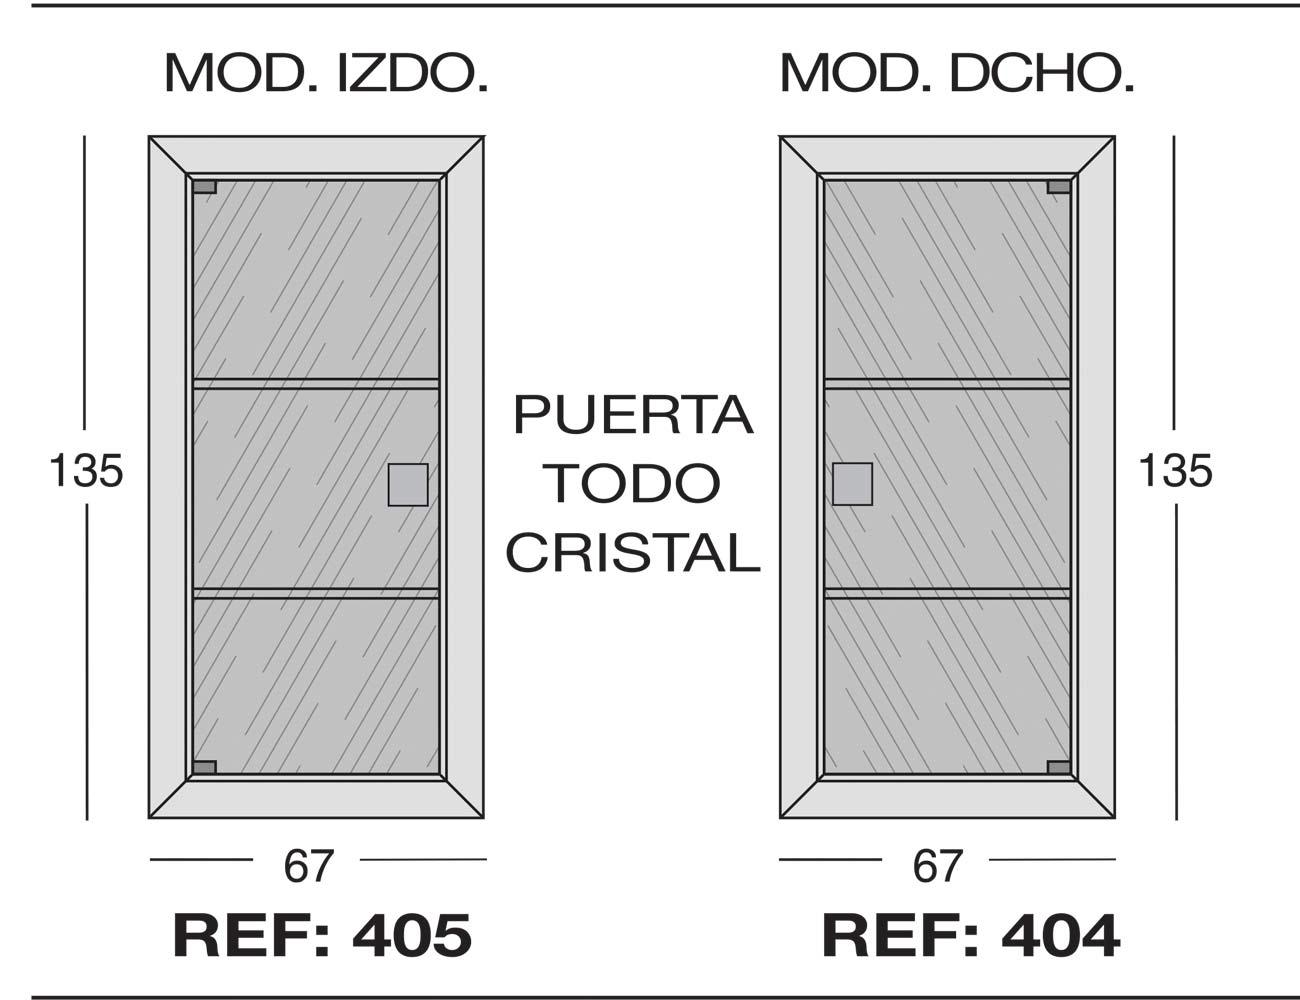 Modulo izdo 405 dcho 404puerta todo cristal